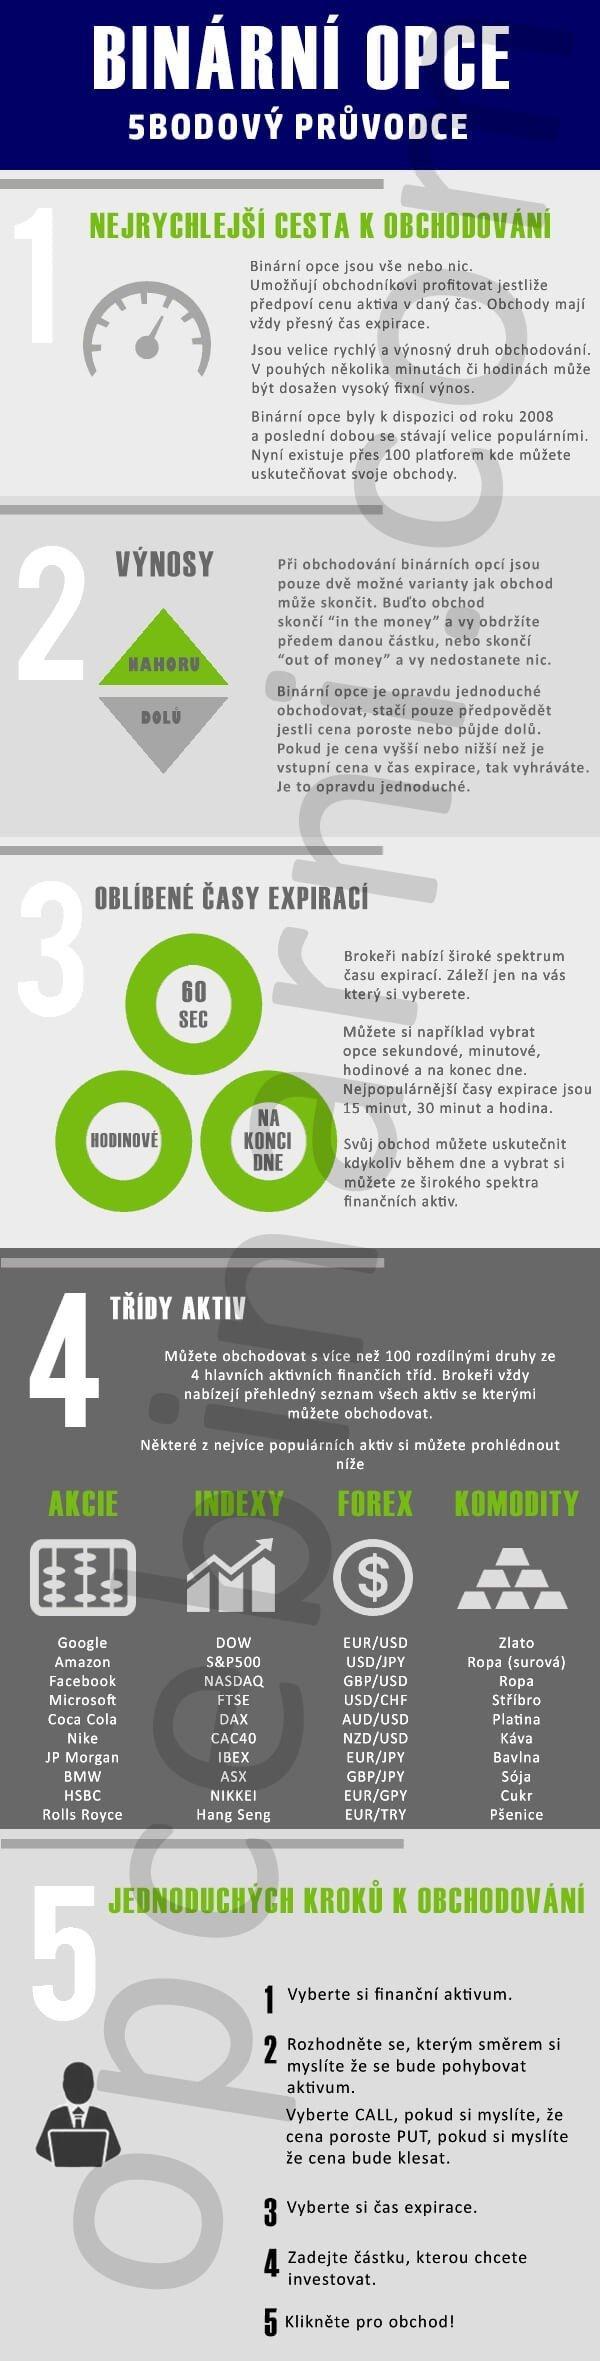 Binární-opce-infografika